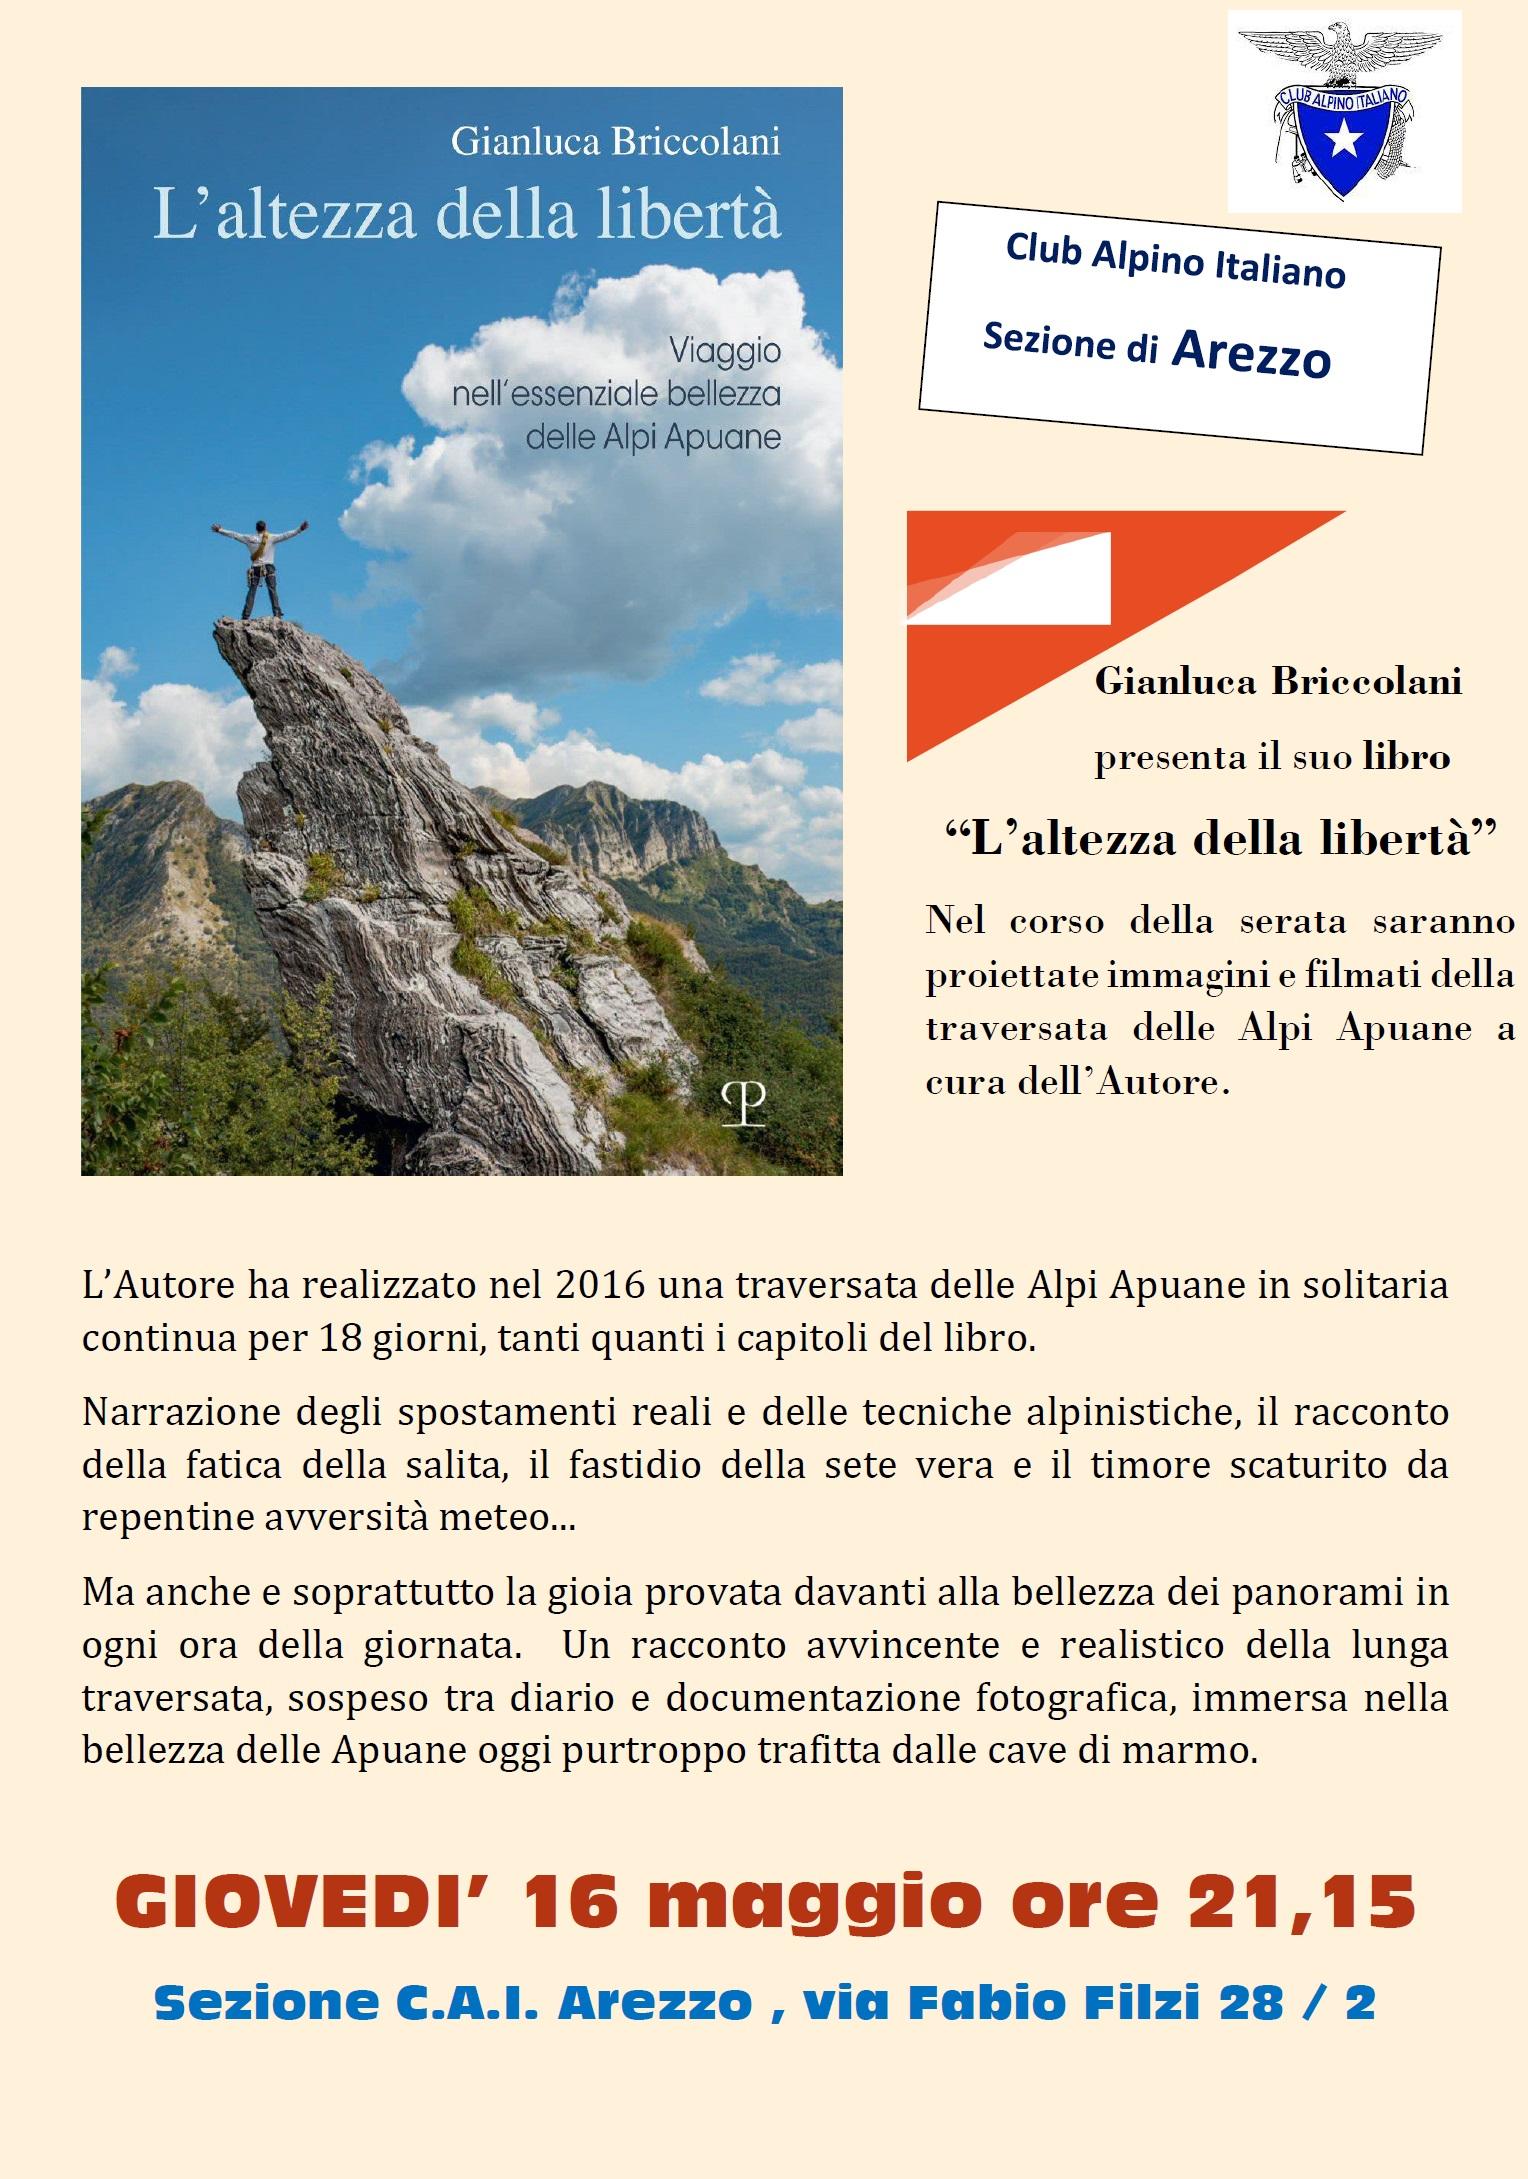 L'ALTEZZA DELLA LIBERTA' di GIANLUCA BRICCOLANI. GIOVEDI' 16 MAGGIO ORE 21.15